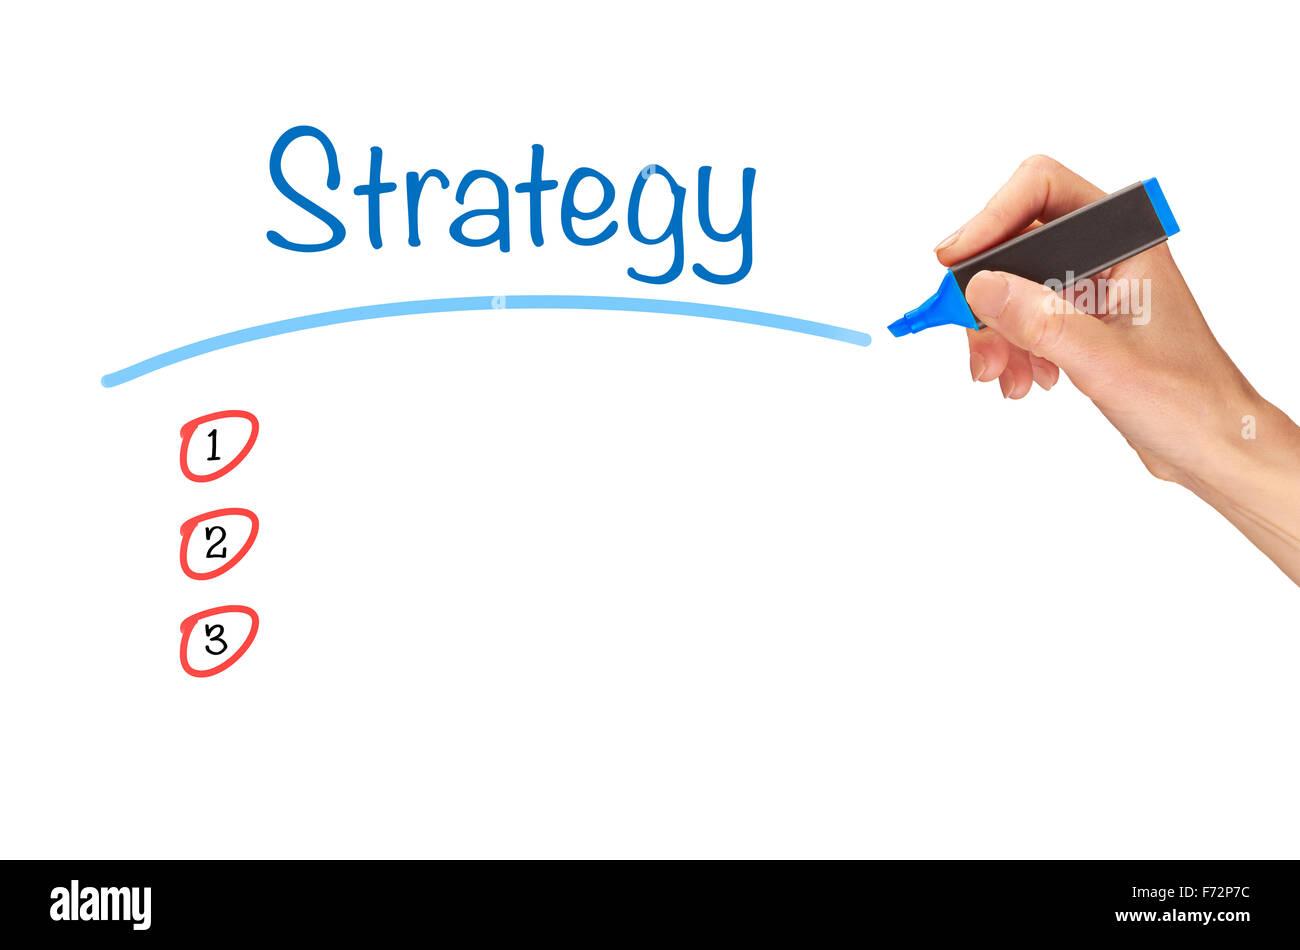 Strategie, in Marker auf einen klaren Bildschirm geschrieben. Stockbild